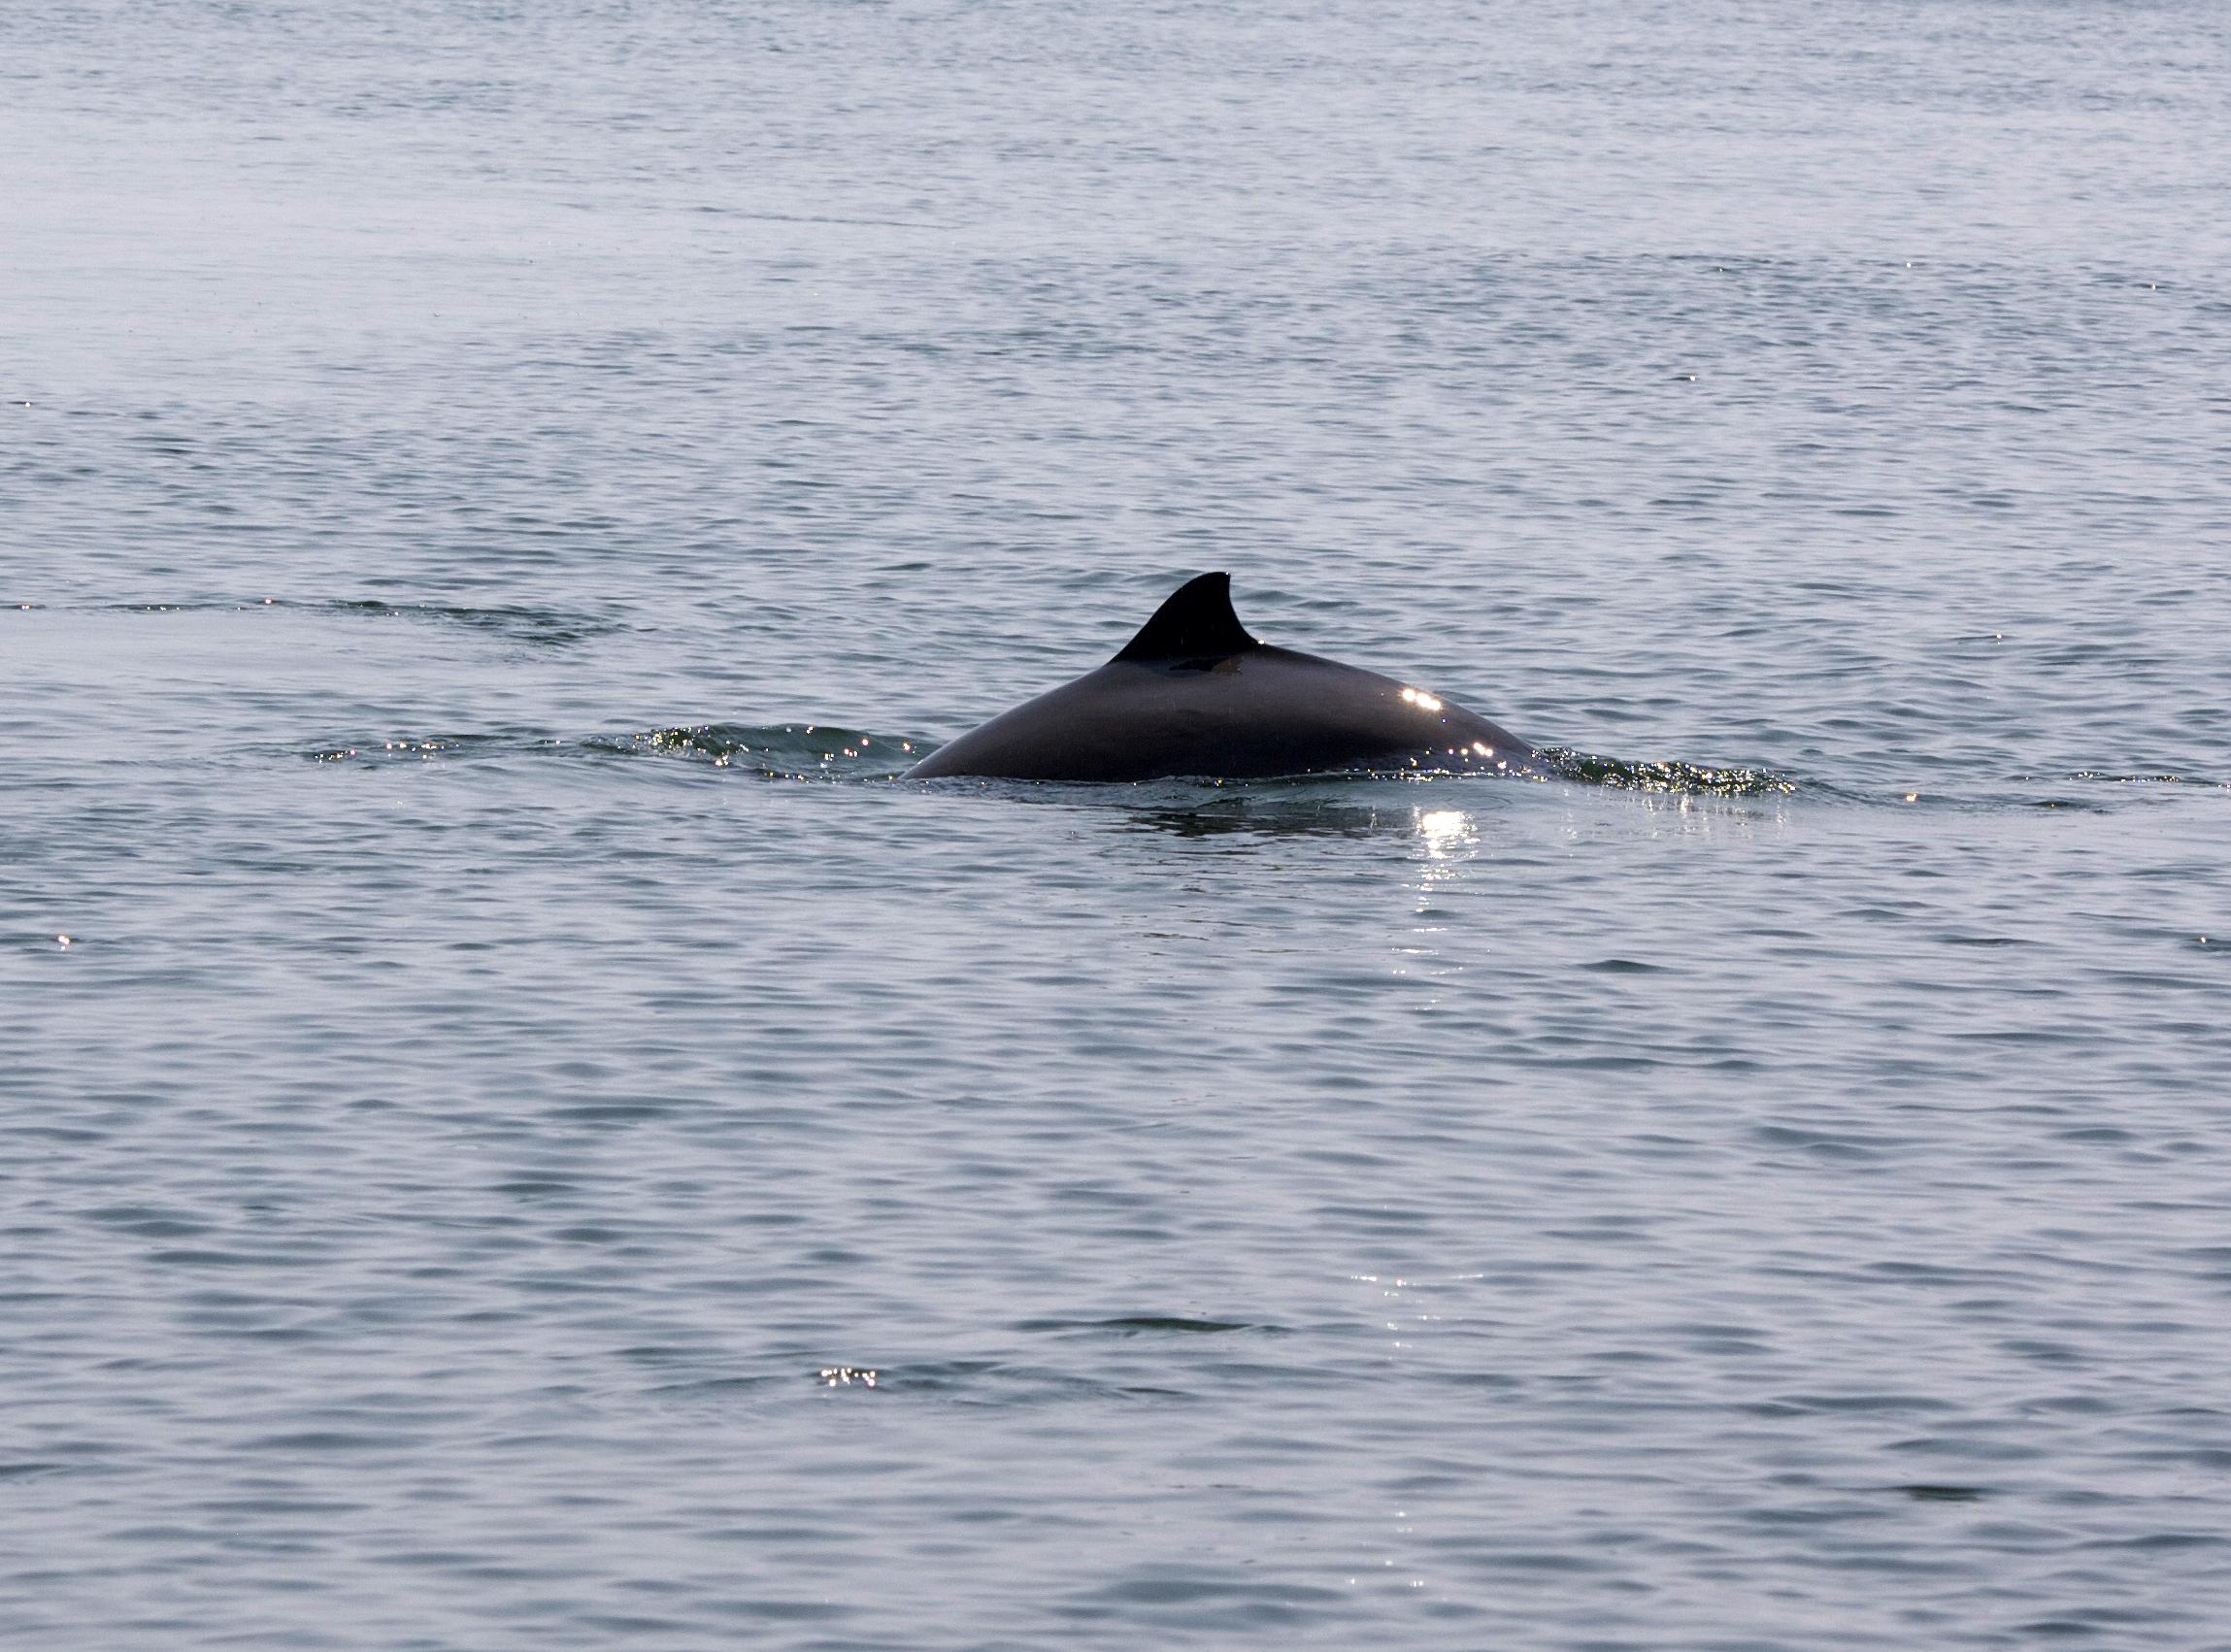 2015_Bradford_Harbour porpoise (Phocoena phocoena).jpg